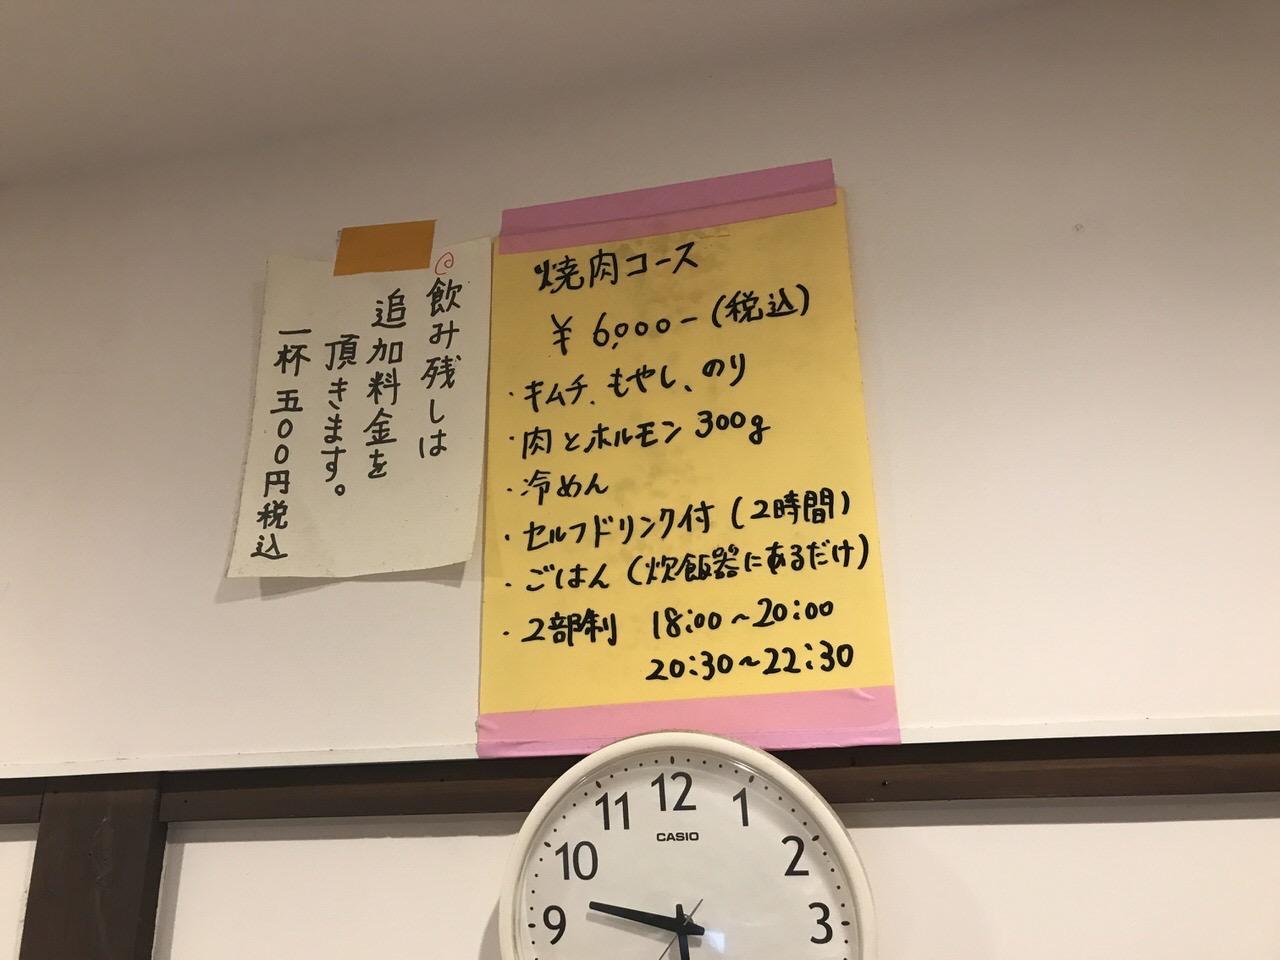 焼肉ヒロミヤ 8